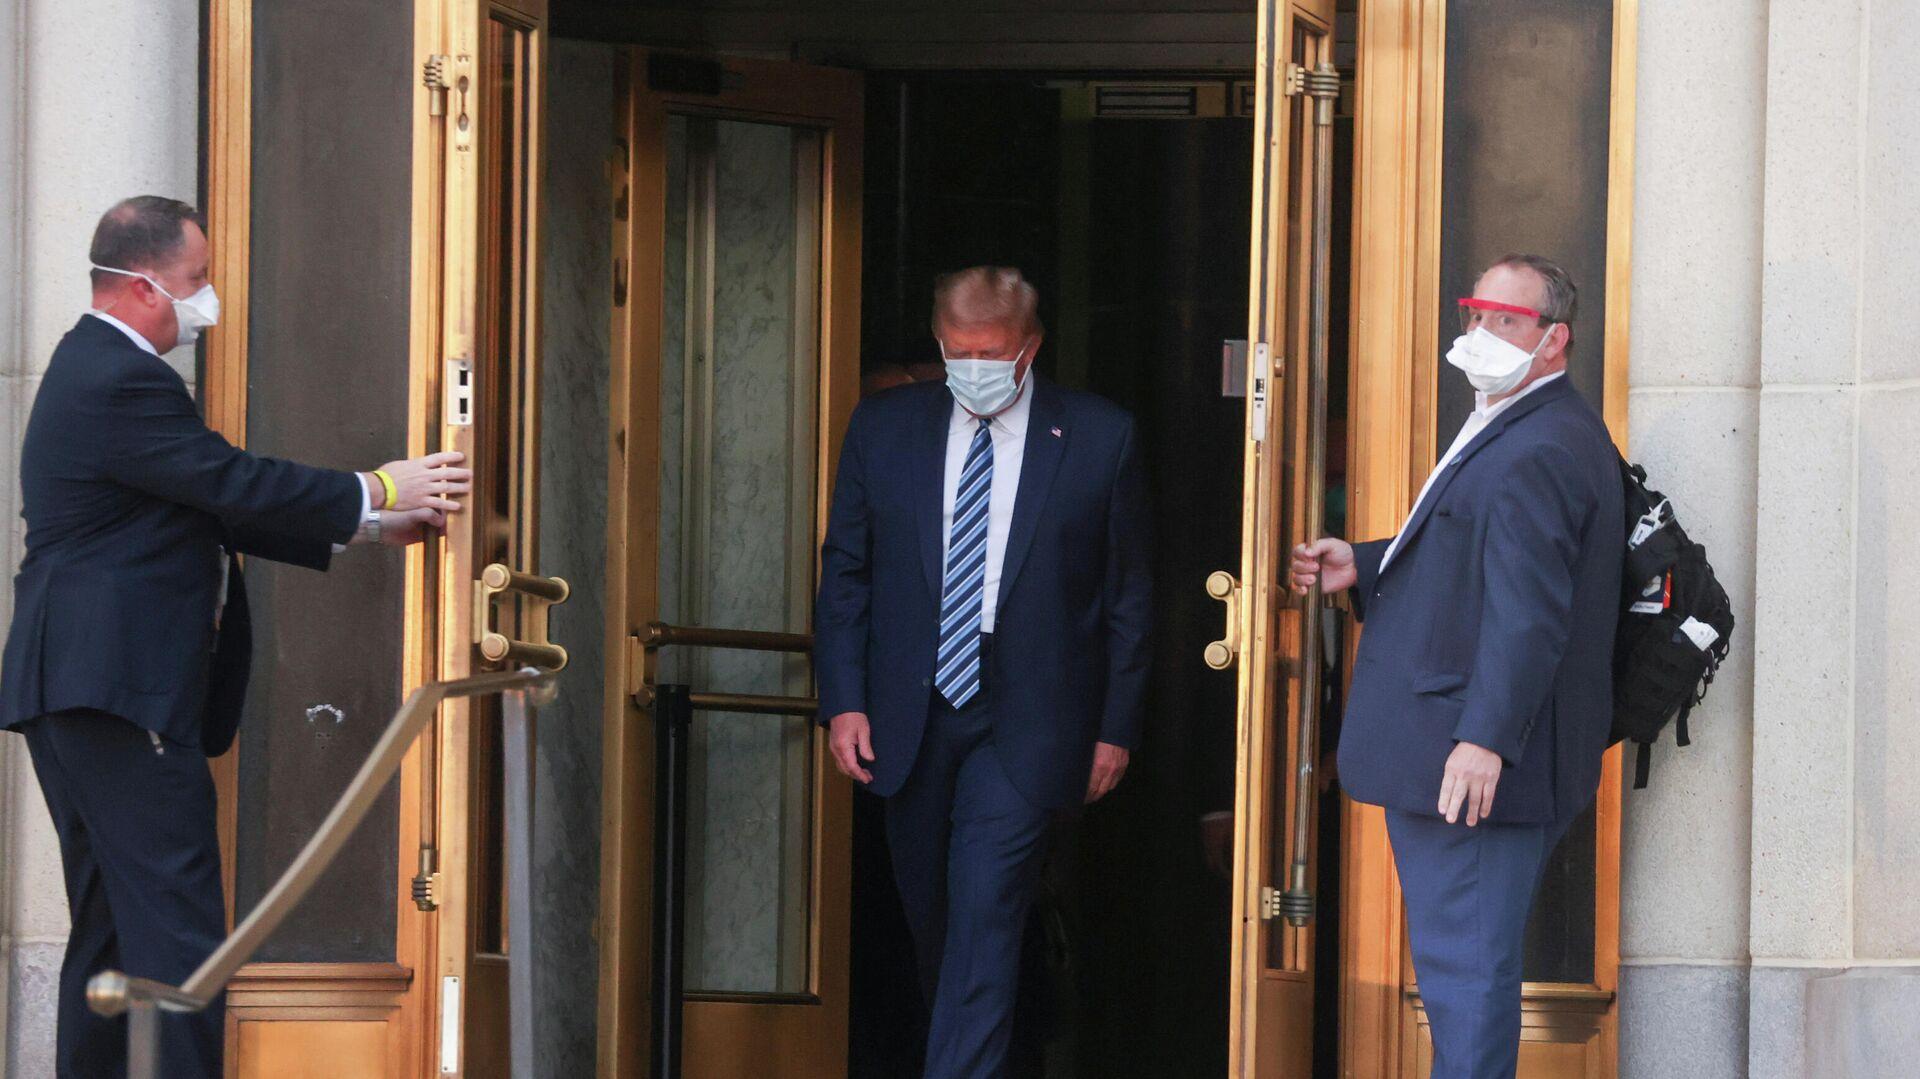 Президент США Дональд Трамп покидает Национальный военно-медицинский центр Уолтера Рида после лечения от коронавирусной болезни - РИА Новости, 1920, 07.10.2020